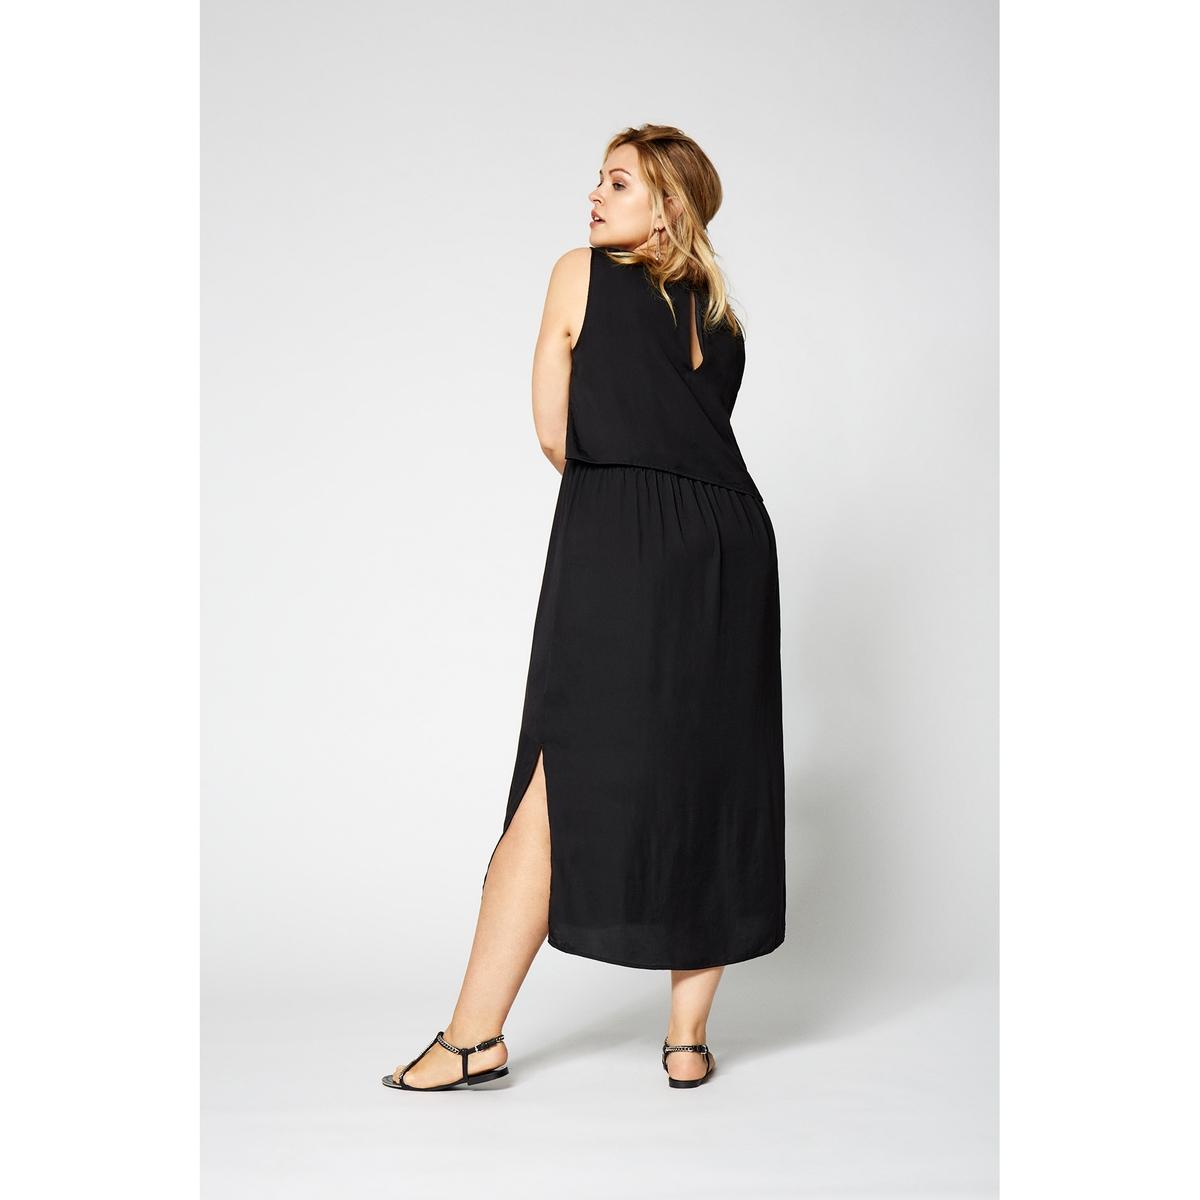 ПлатьеДлинное платье без рукавов ZIZZI. Застёжка на пуговицы сзади. Эластичный пояс с завязками, который изящно подчеркнёт Ваш силуэт. Материал: 100% полиэстера.<br><br>Цвет: черный<br>Размер: 42/44 (FR) - 48/50 (RUS)